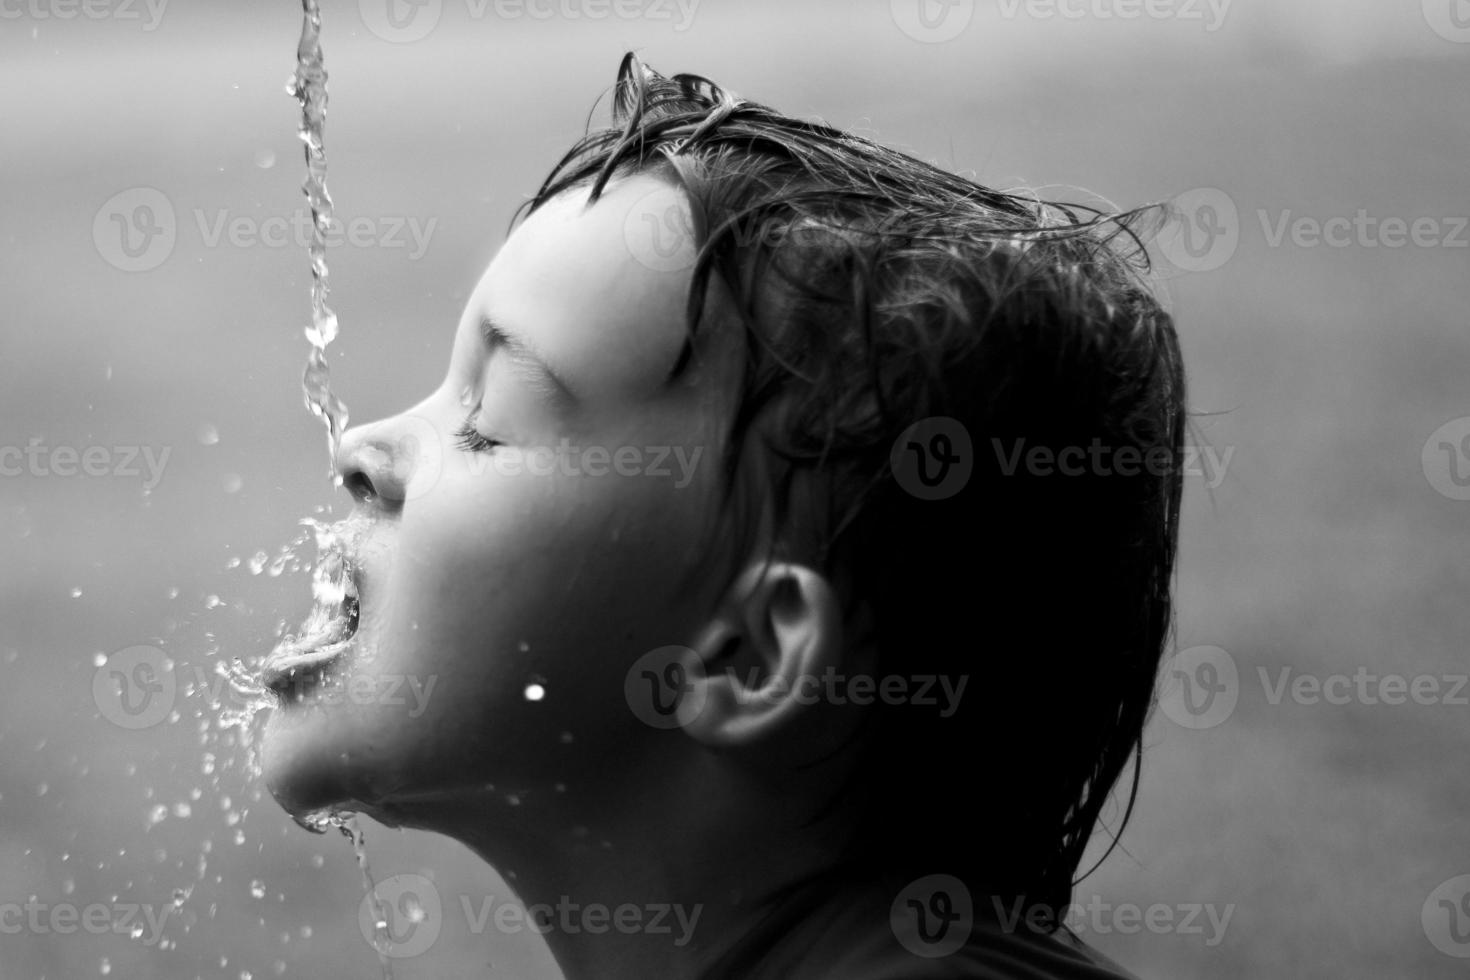 gocce d'acqua schizzarono sul viso del ragazzo foto